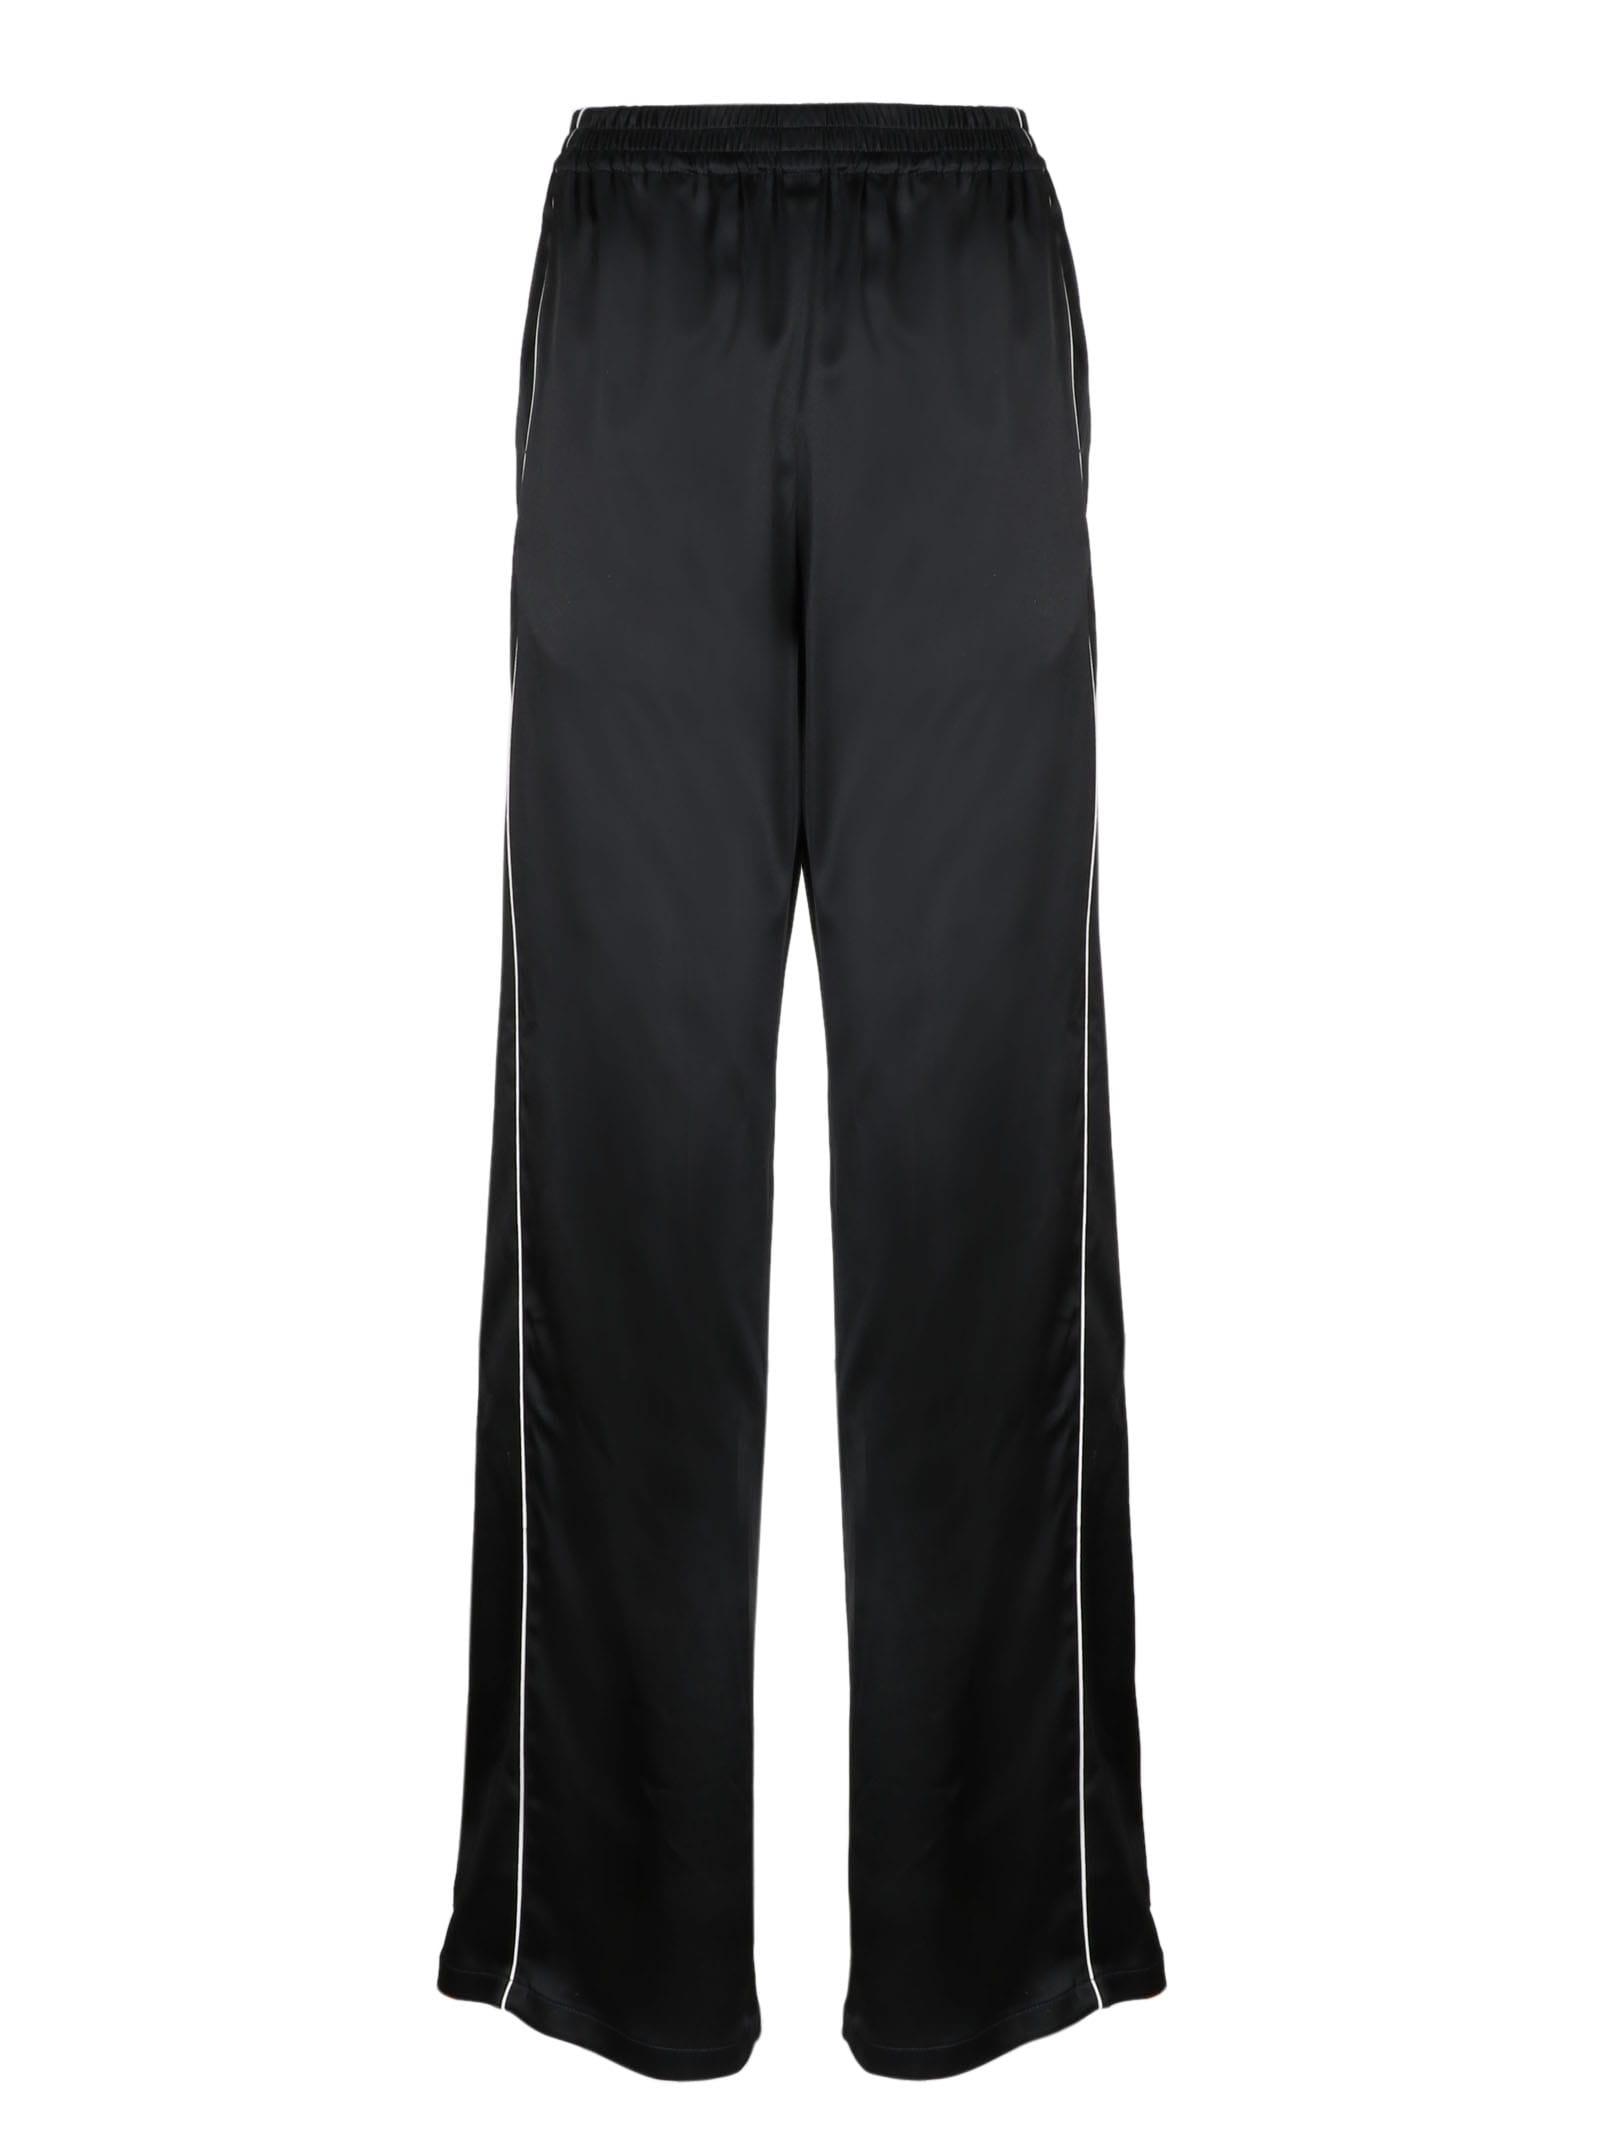 Balenciaga Satin Tracksuit Pants